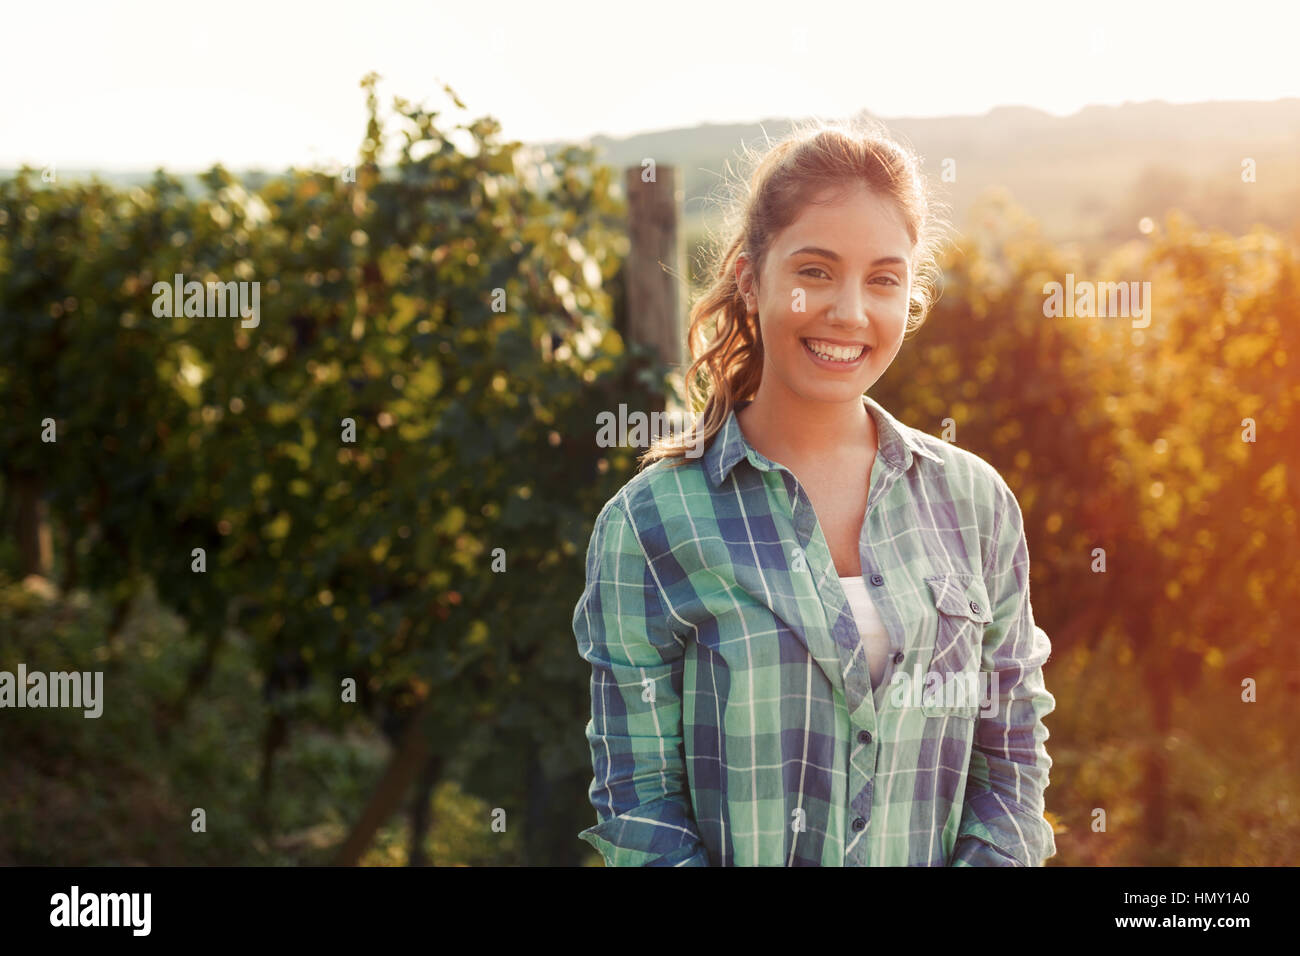 Donna felice nel vigneto le uve di controllo prima della raccolta Immagini Stock